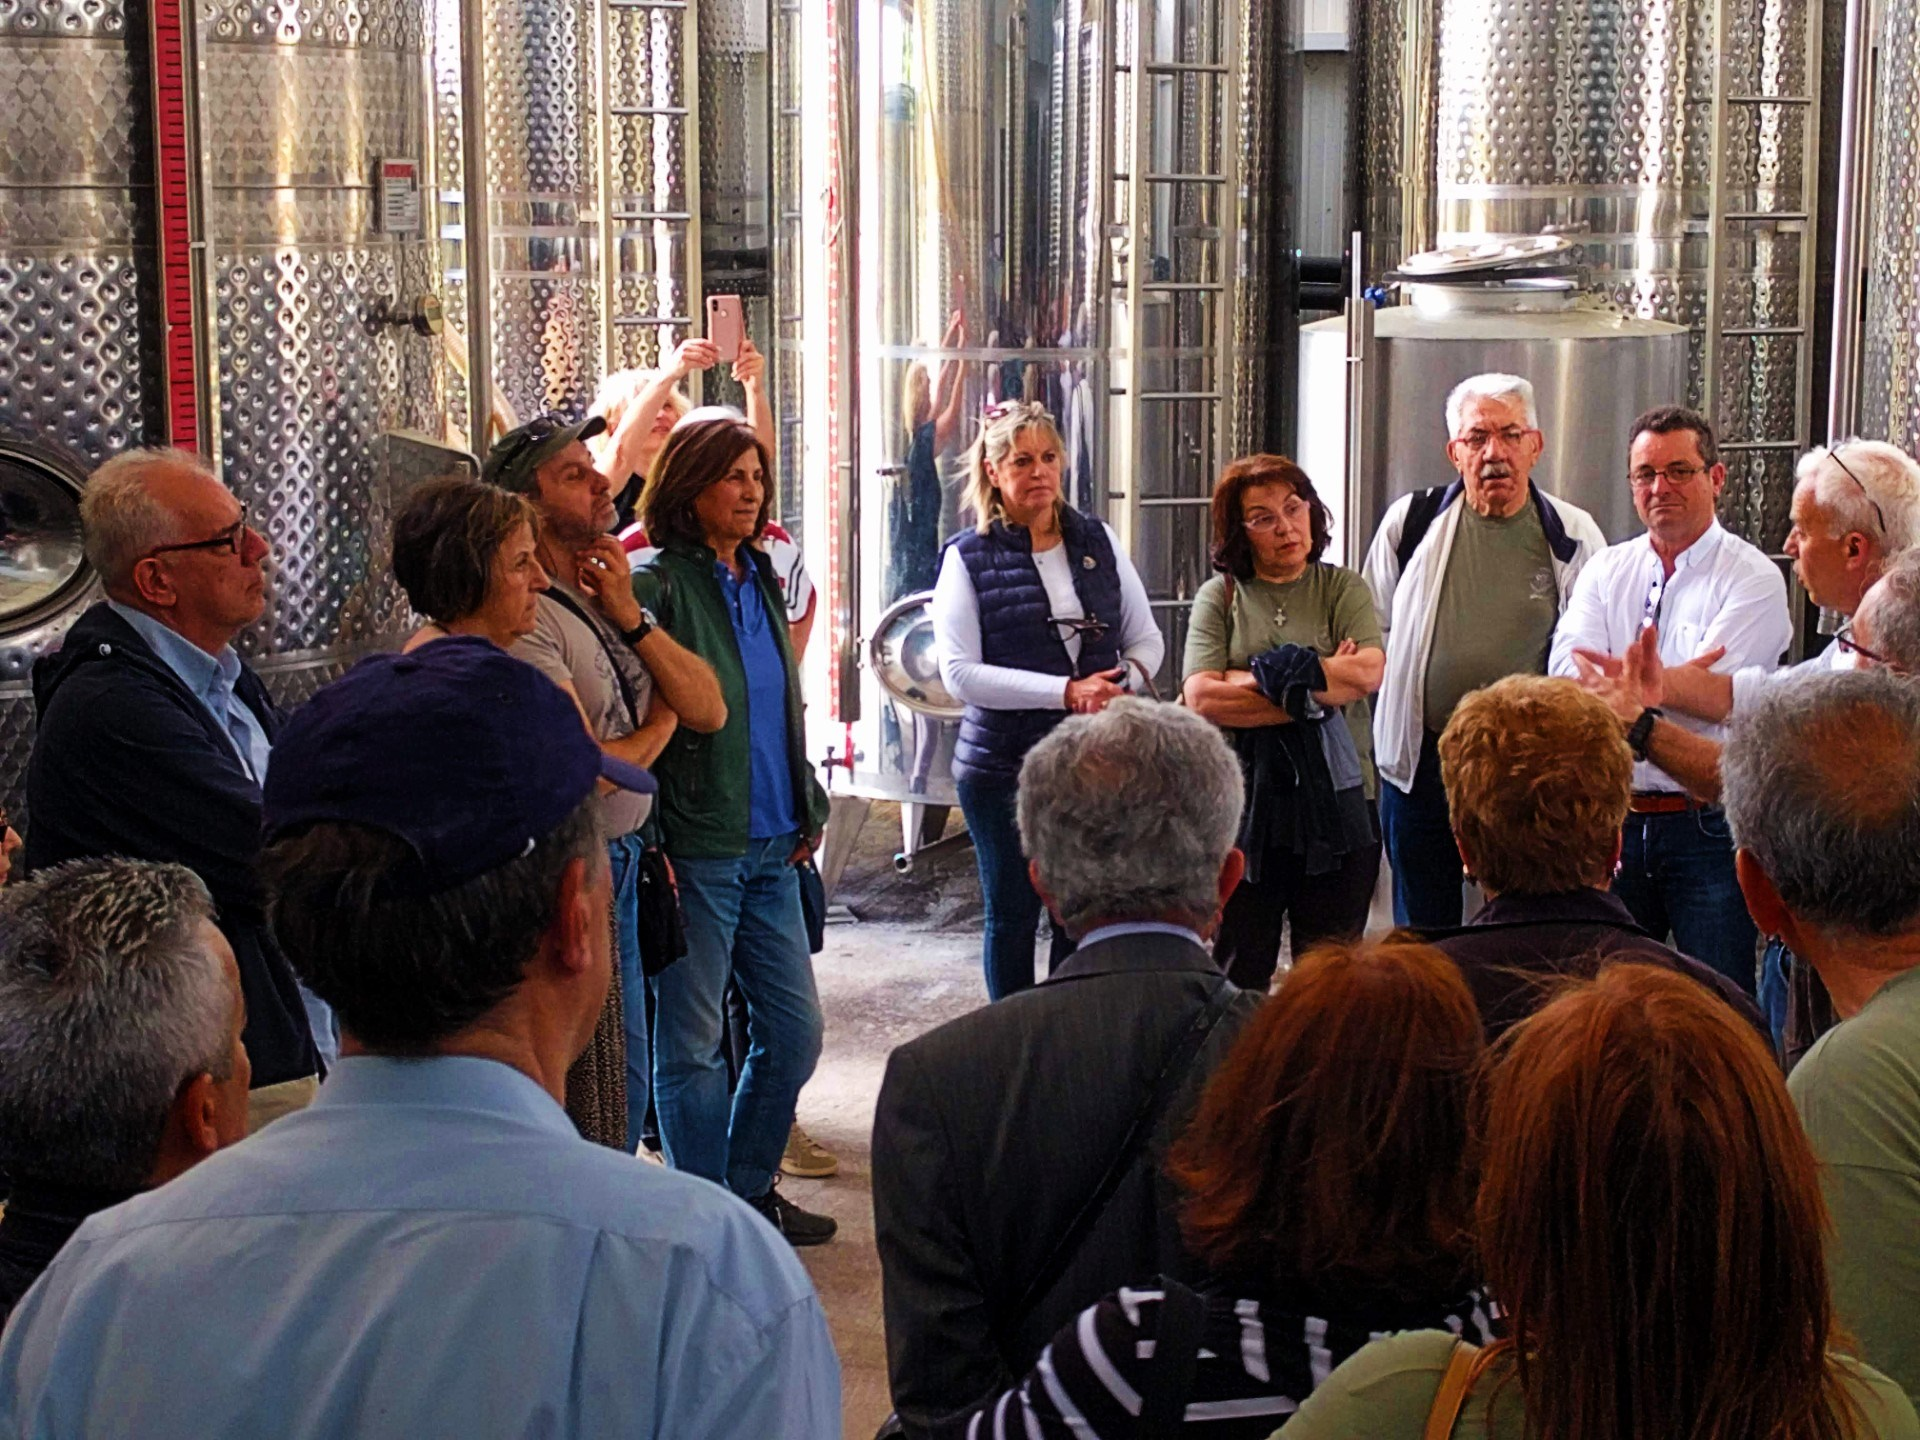 Τα μέλη του Περιβαλλοντικού & Πολιτιστικού Συλλόγου Ωραιοκάστρου στο Κτήμα Αρβανιτίδη